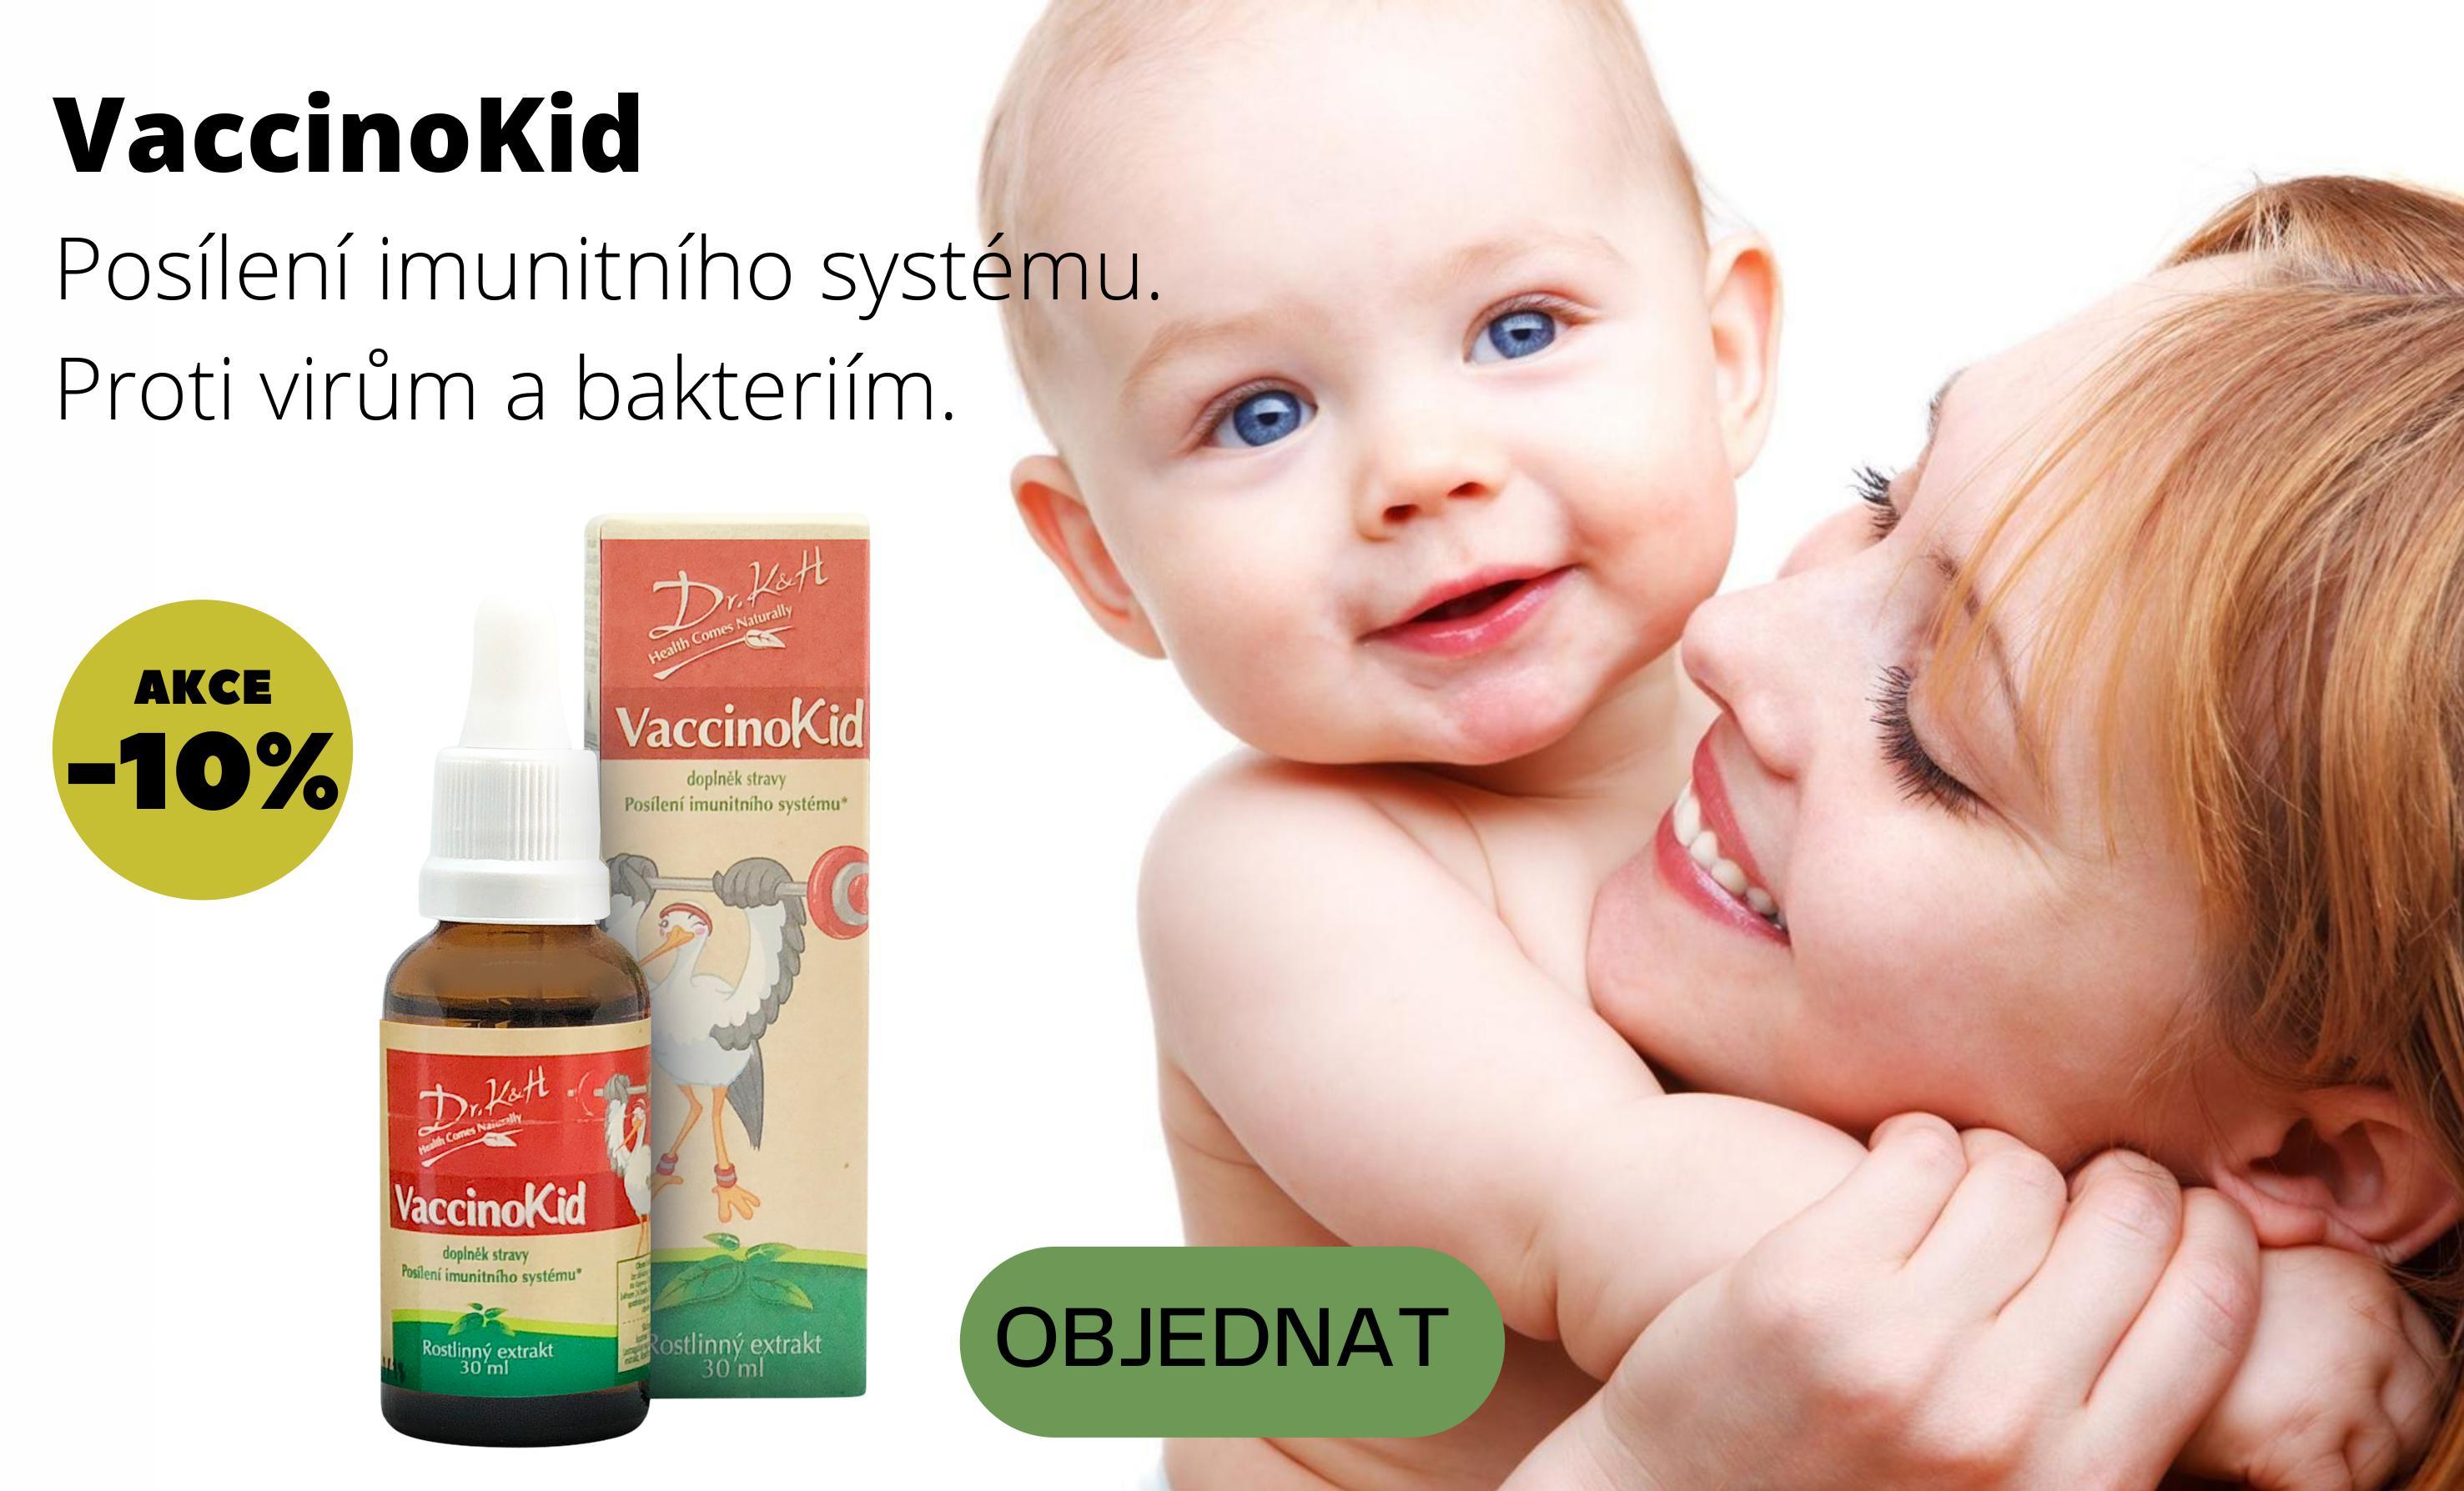 10% VaccinoKid